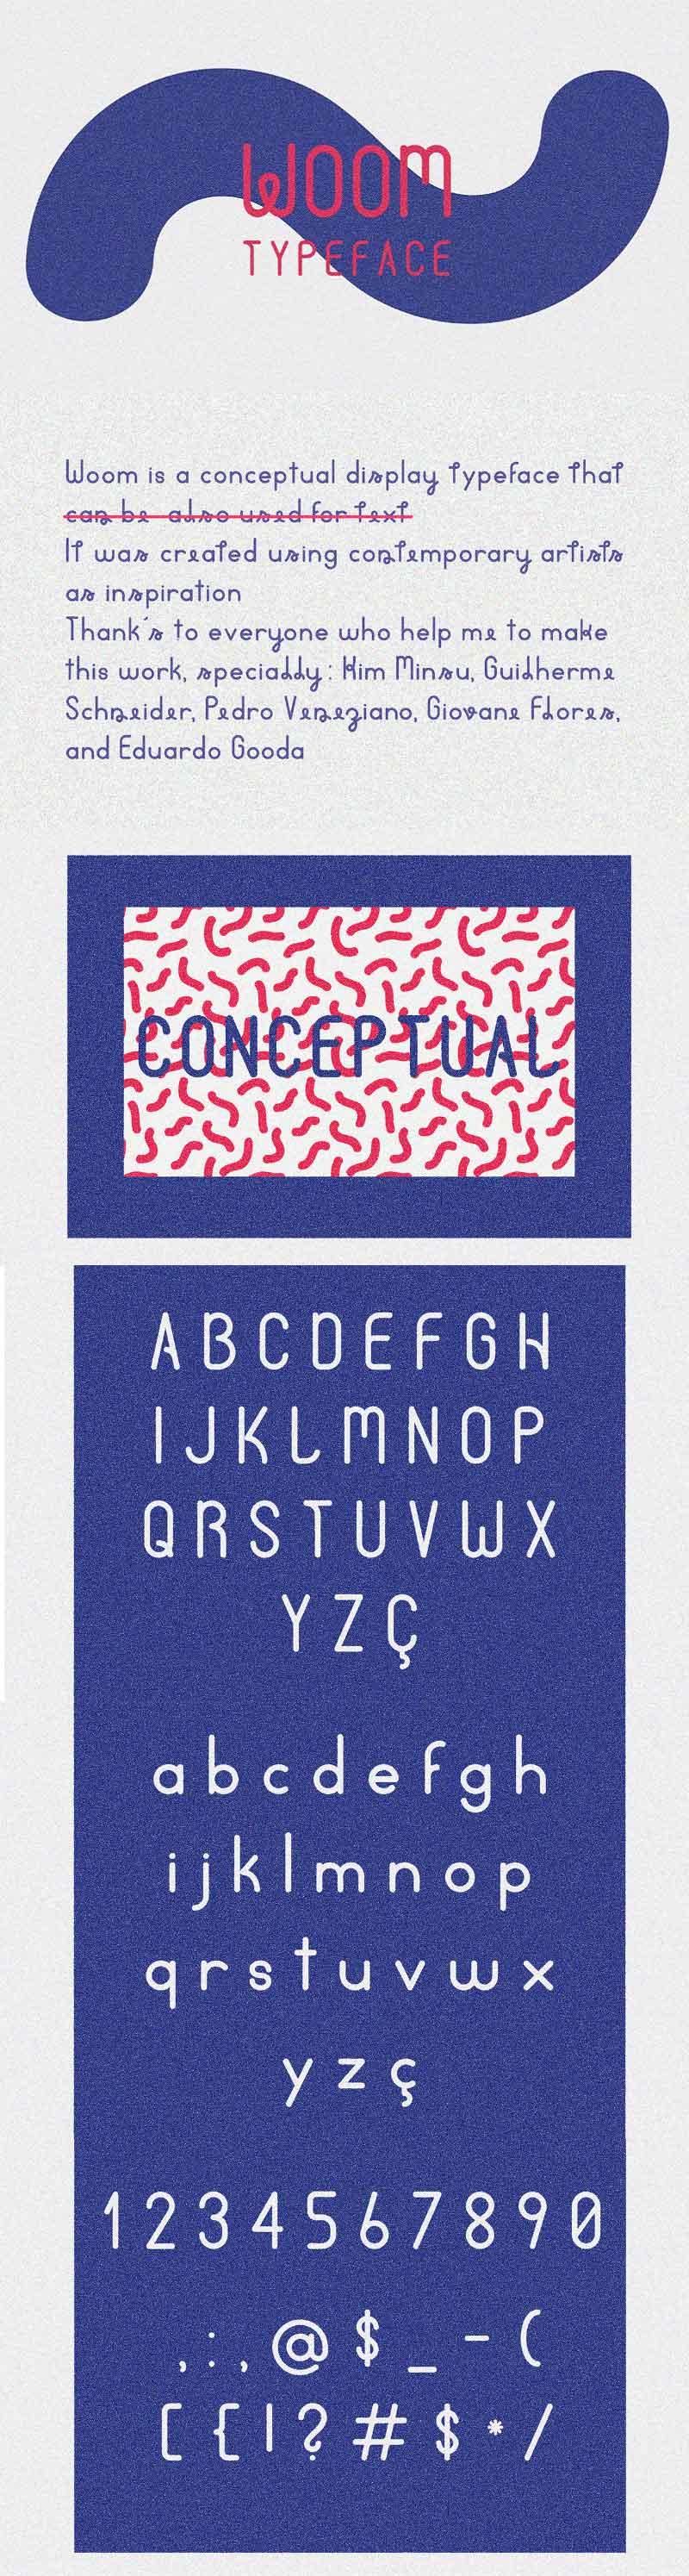 Woom-Display-Free-Typeface